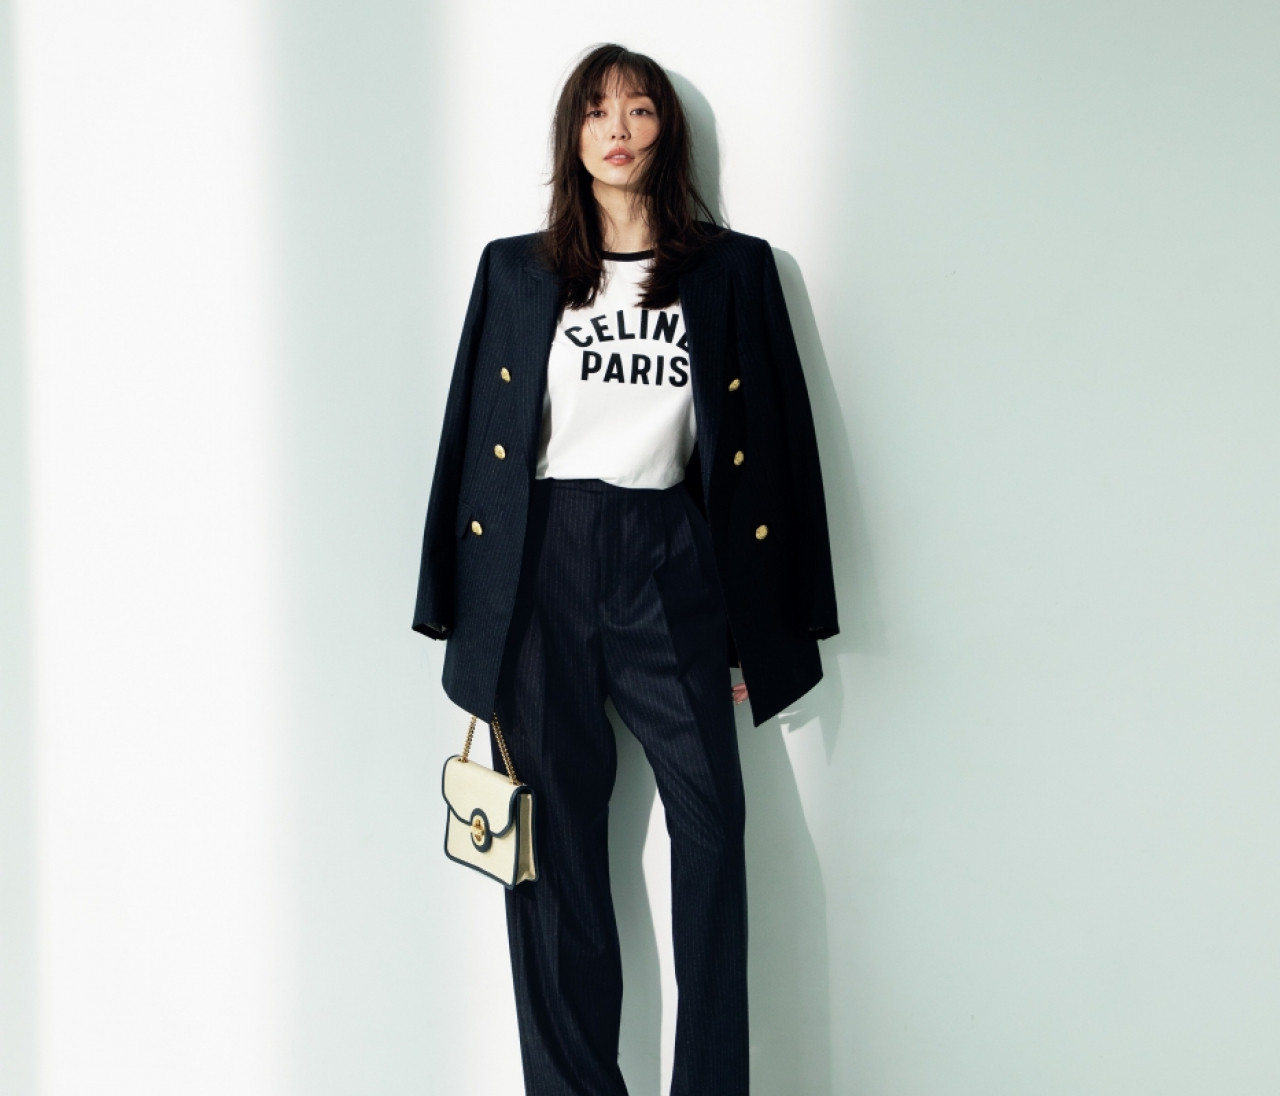 【松島 花のモデルデビュー20周年Q&A 1】キャリア20年で磨いたセンスとファッション、31歳の今振り返ると?